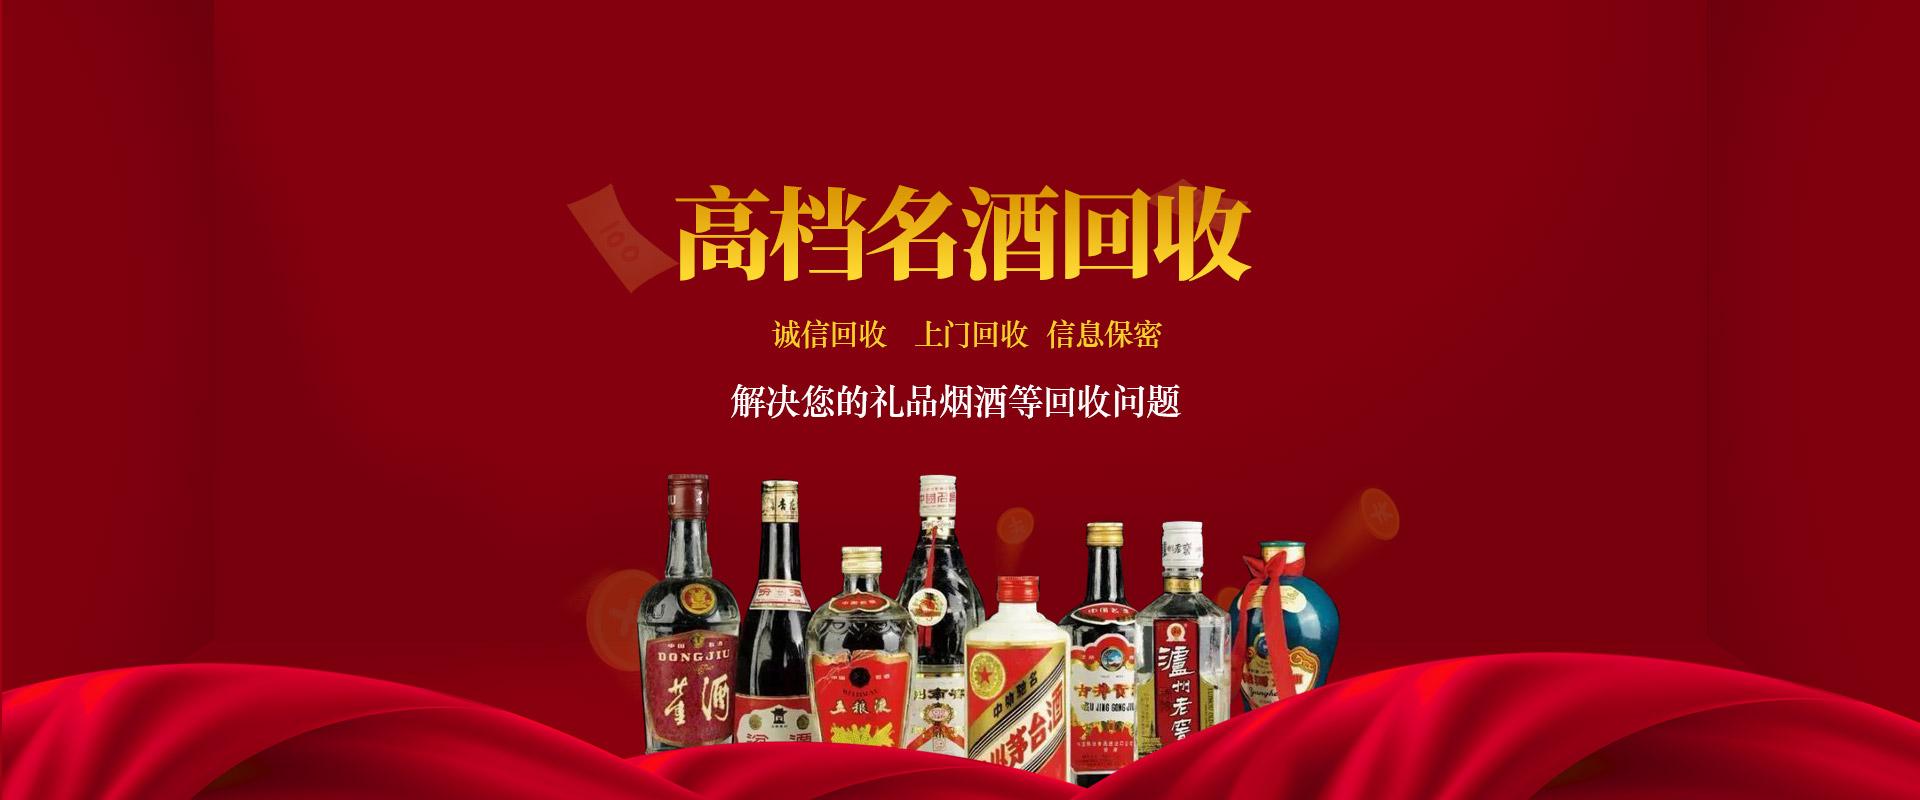 郑州名酒回收